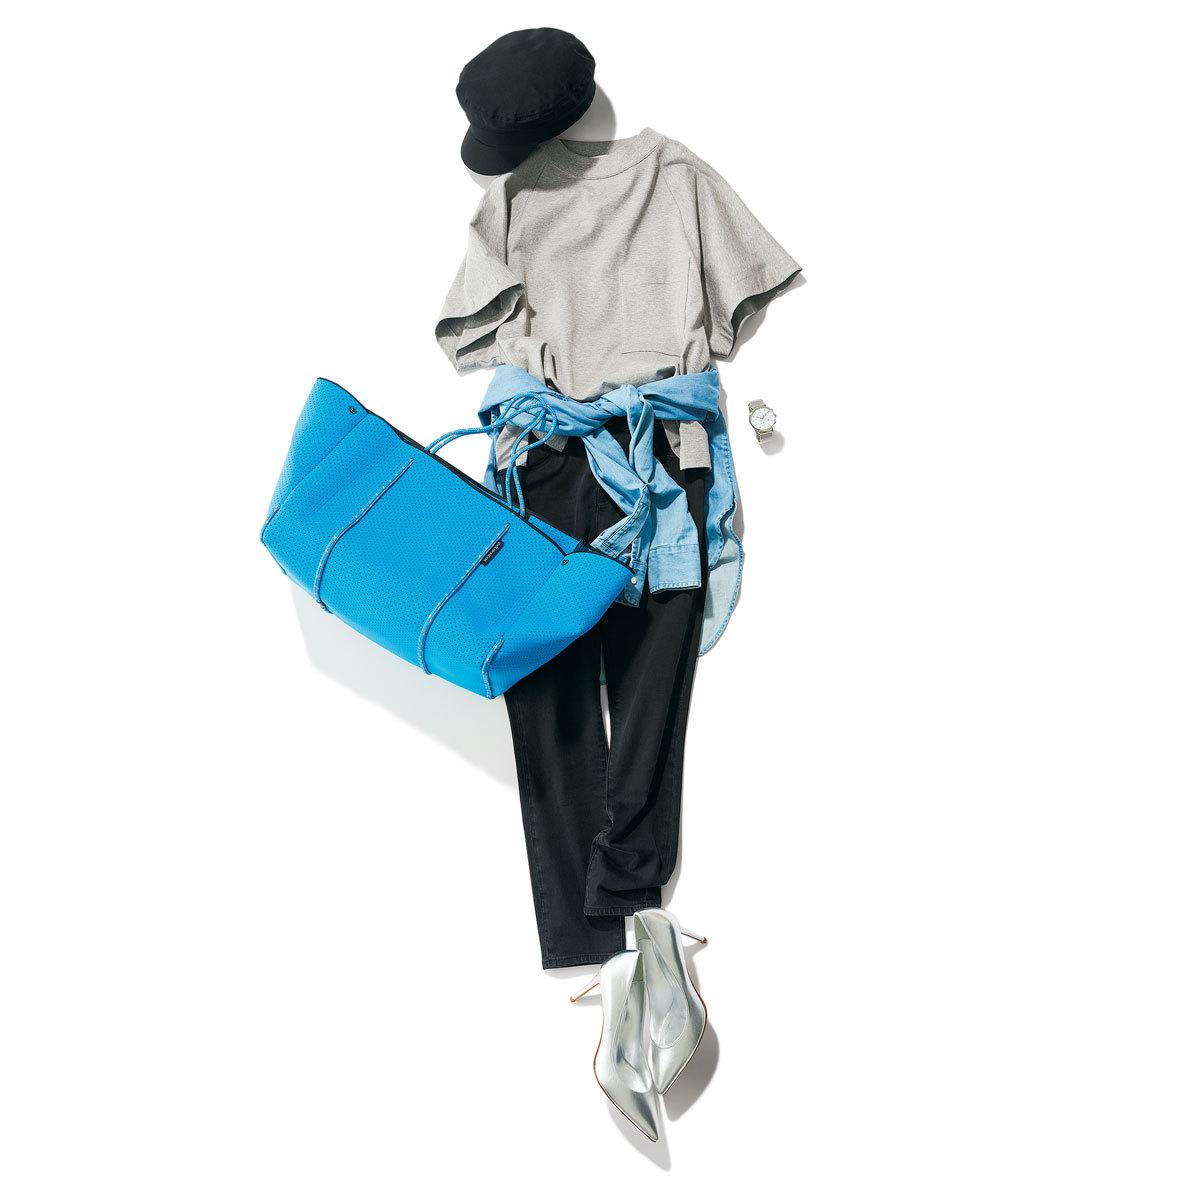 ステート オブ エスケープのバッグを使ったシャツコーデ